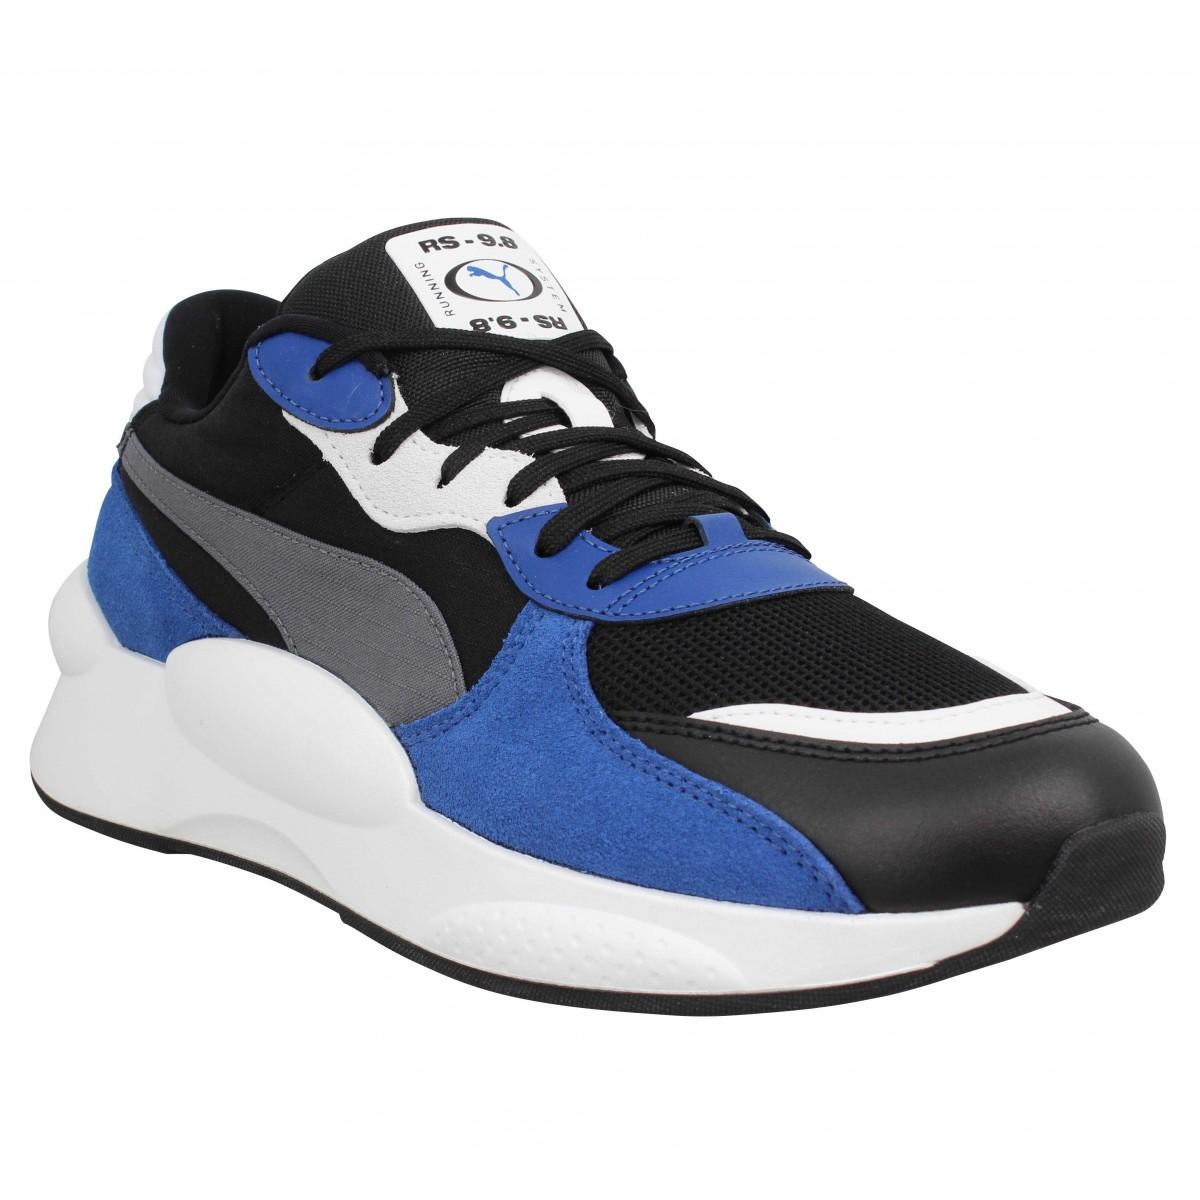 Baskets PUMA RS 9.8 Space toile Homme Noir Bleu